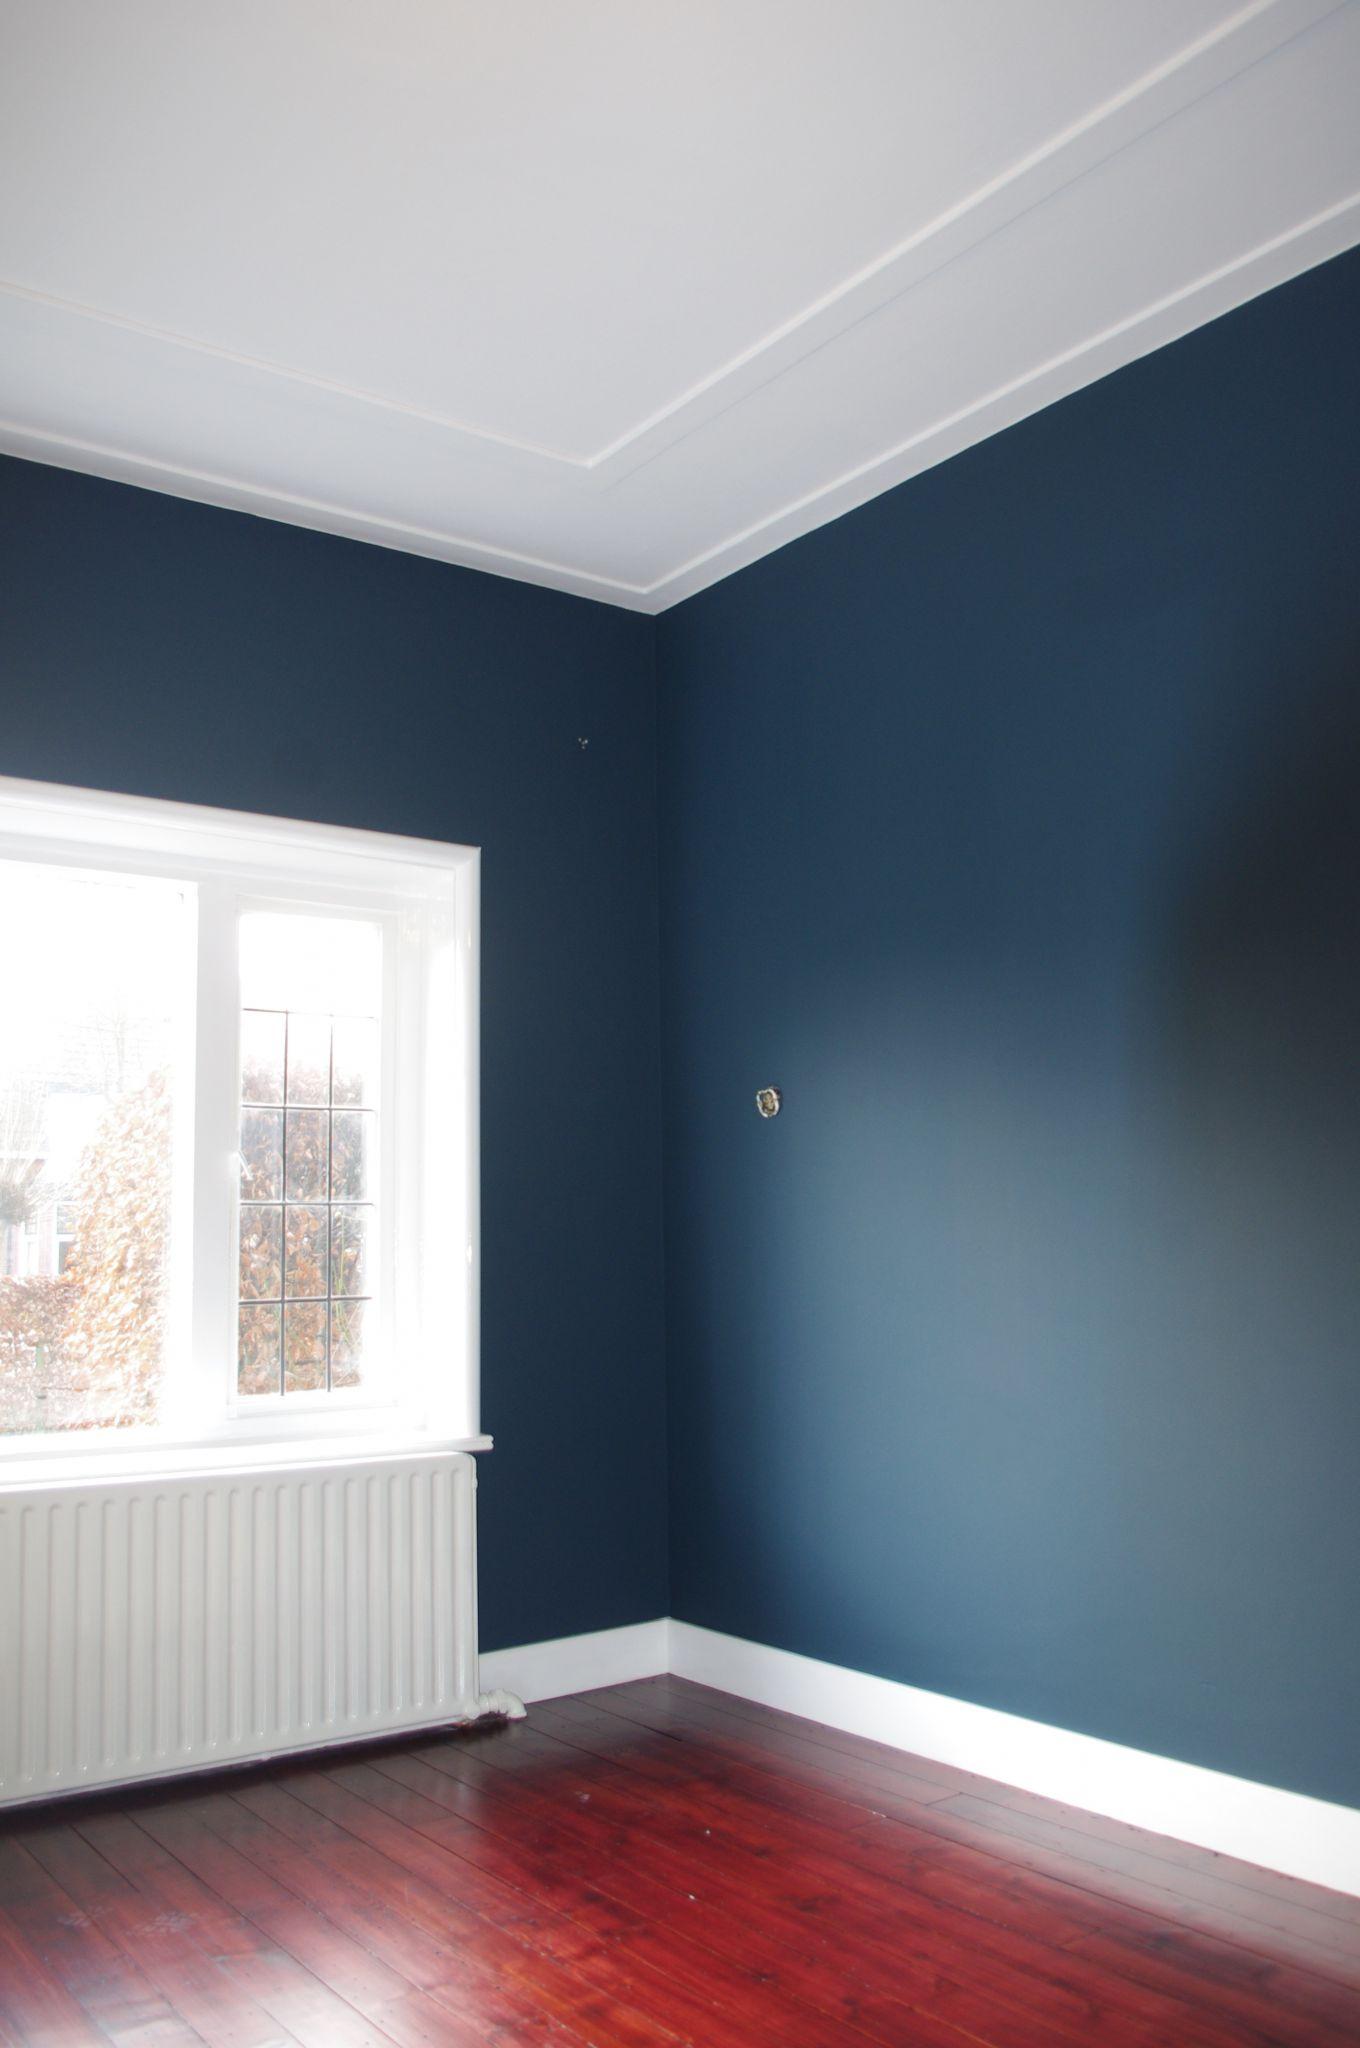 Molenweg 34 te haren walter hoogesteger schilders for Kleur moderne volwassen kamer